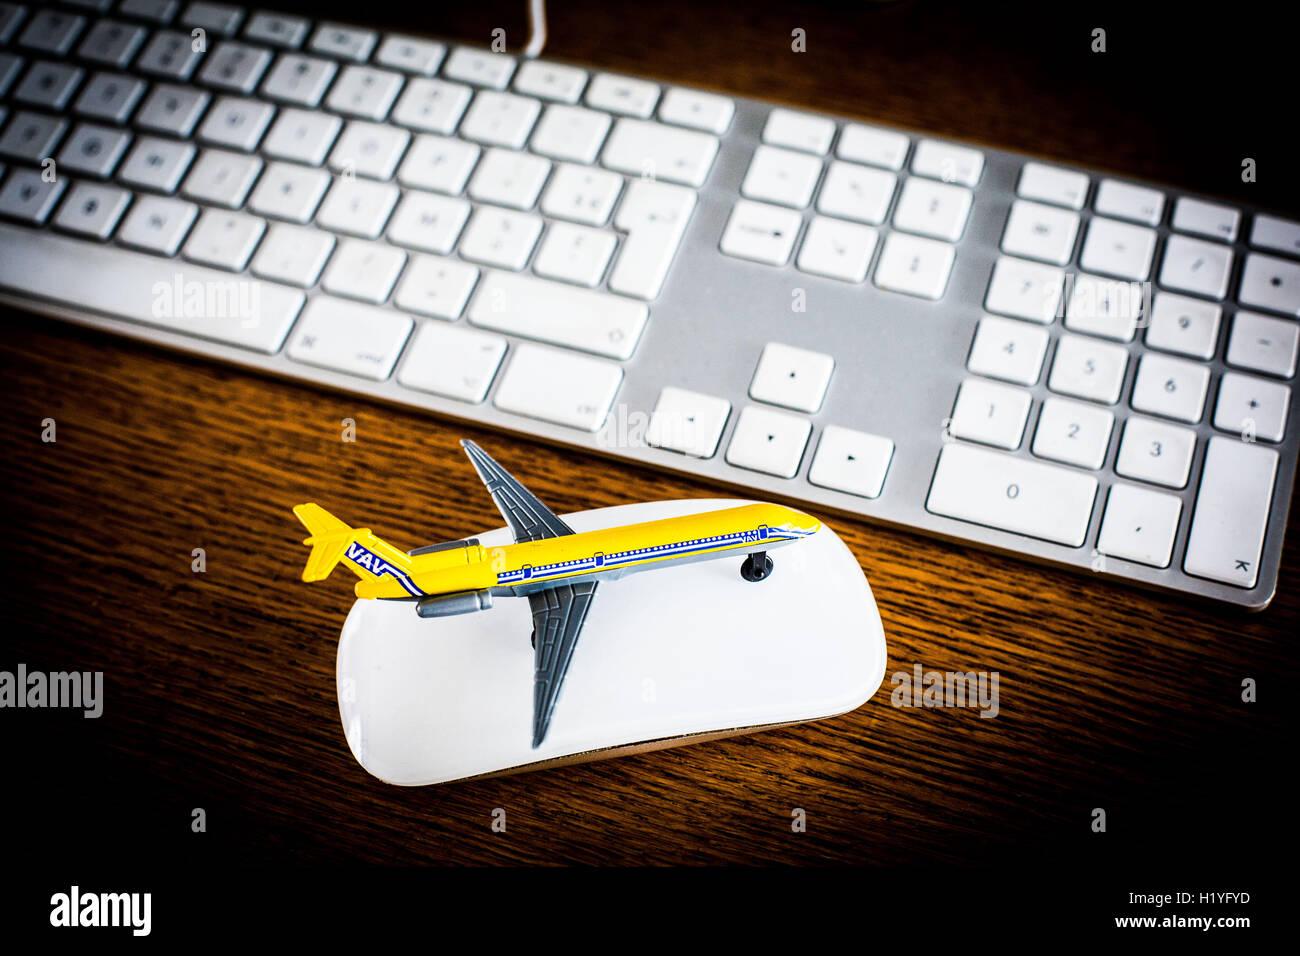 Tourisme: Achat en ligne de voyages. Photo Stock